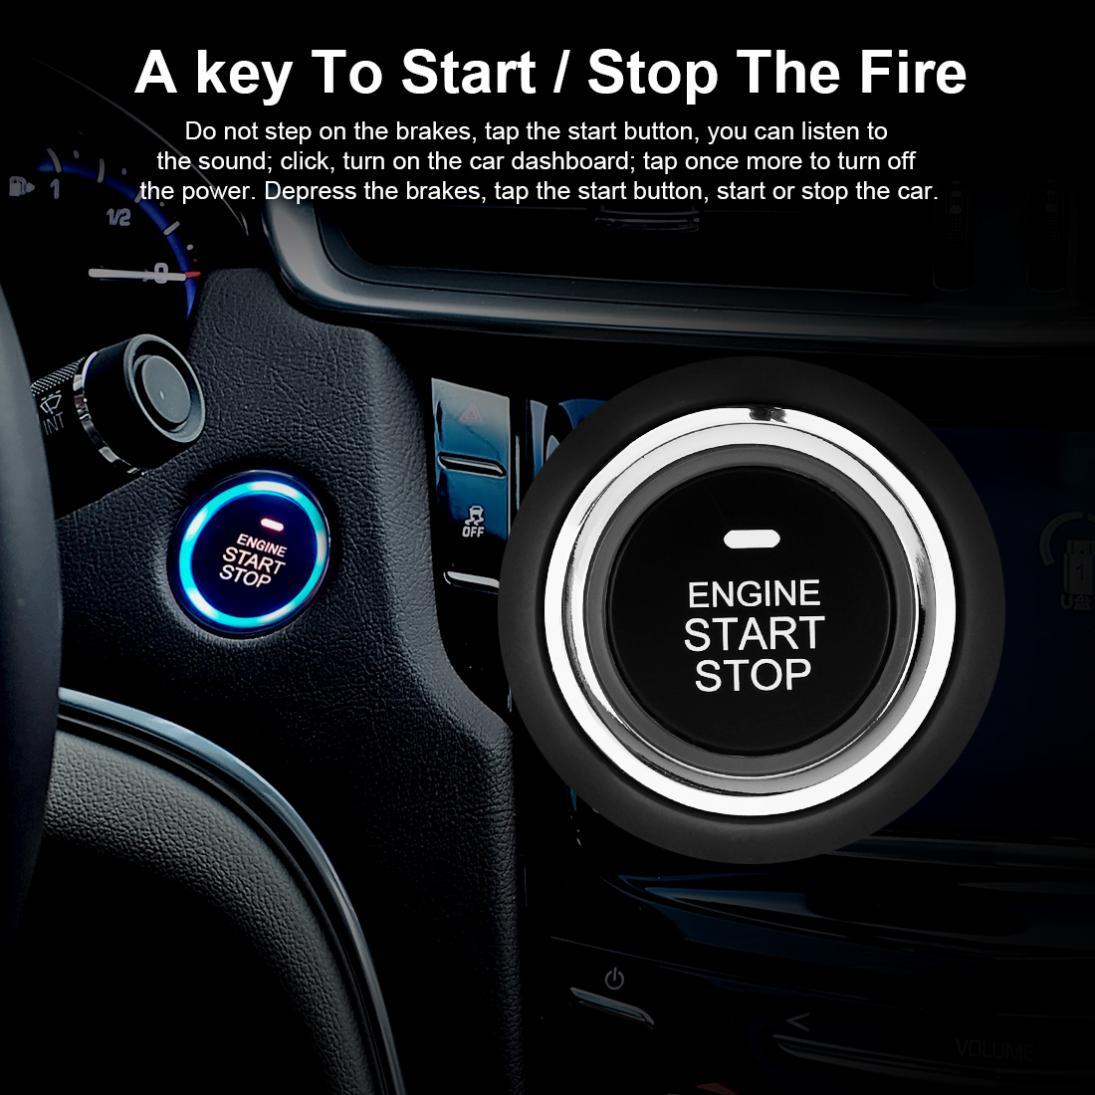 Système de démarrage à distance d'alarme de voiture intelligente démarrage arrêt moteur aller bouton-poussoir verrouillage Central automatique système d'entrée sans clé - 6